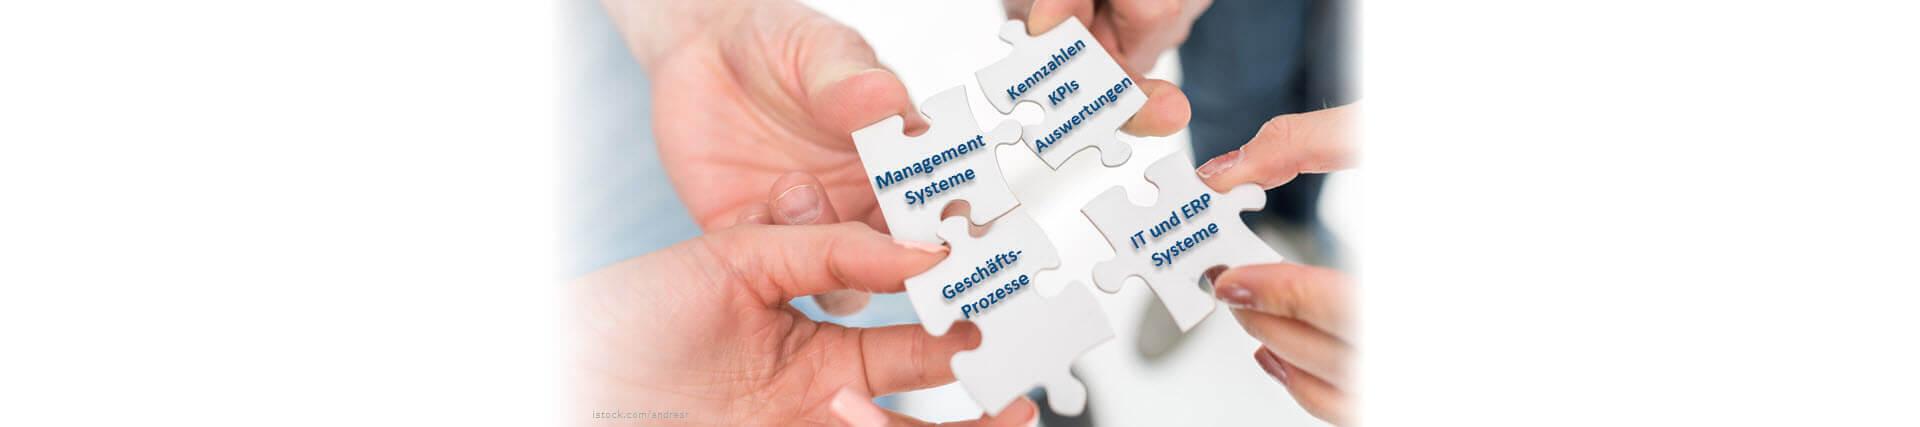 Kompetenzfelder Böhm und Partner